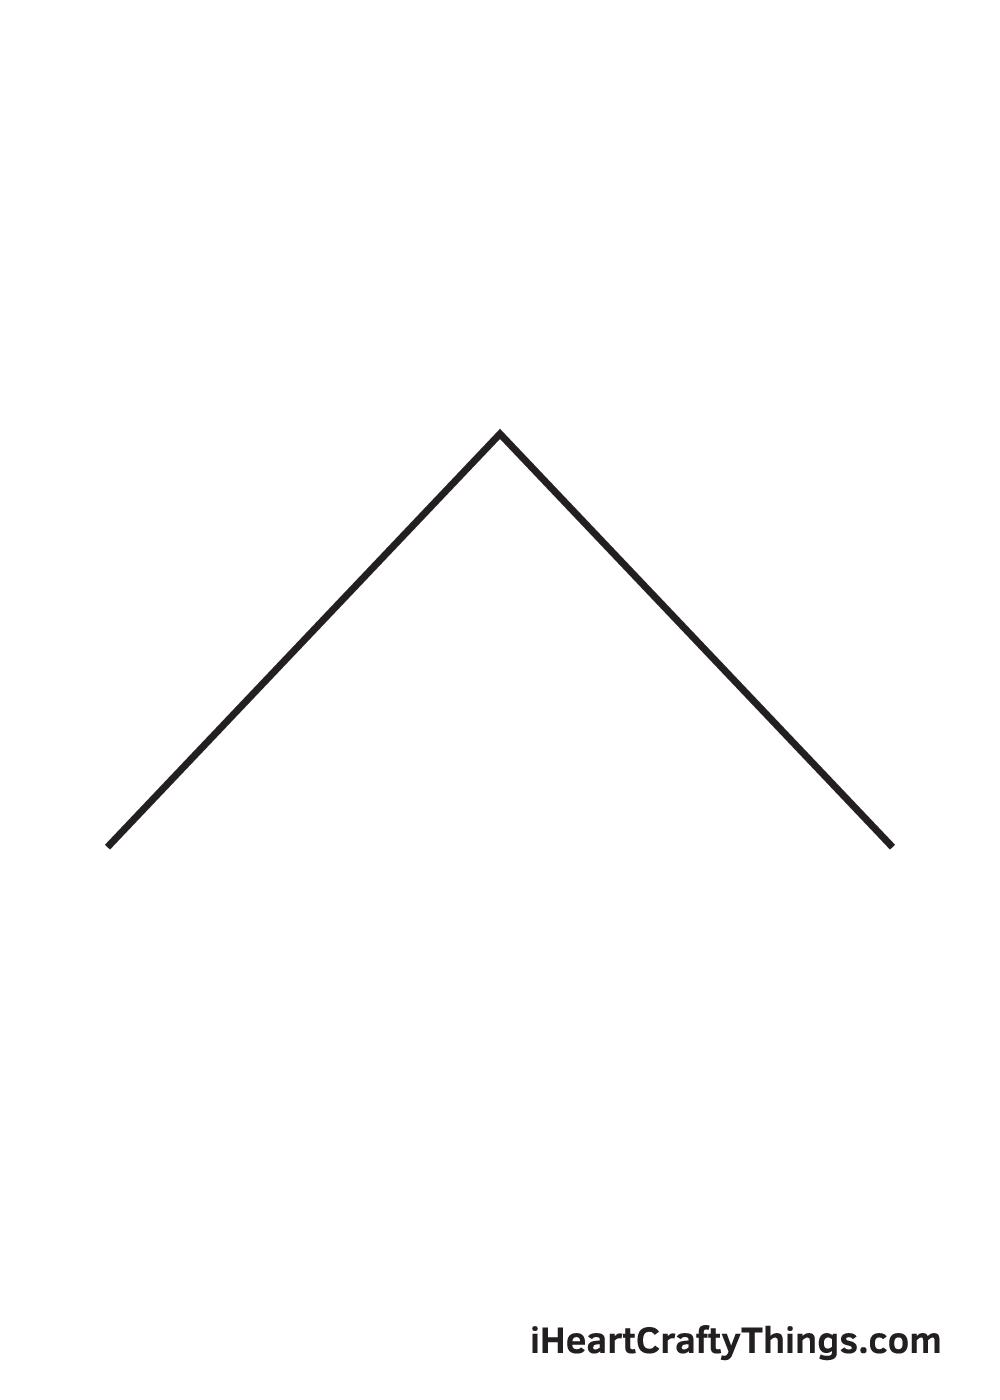 pyramid drawing step 2